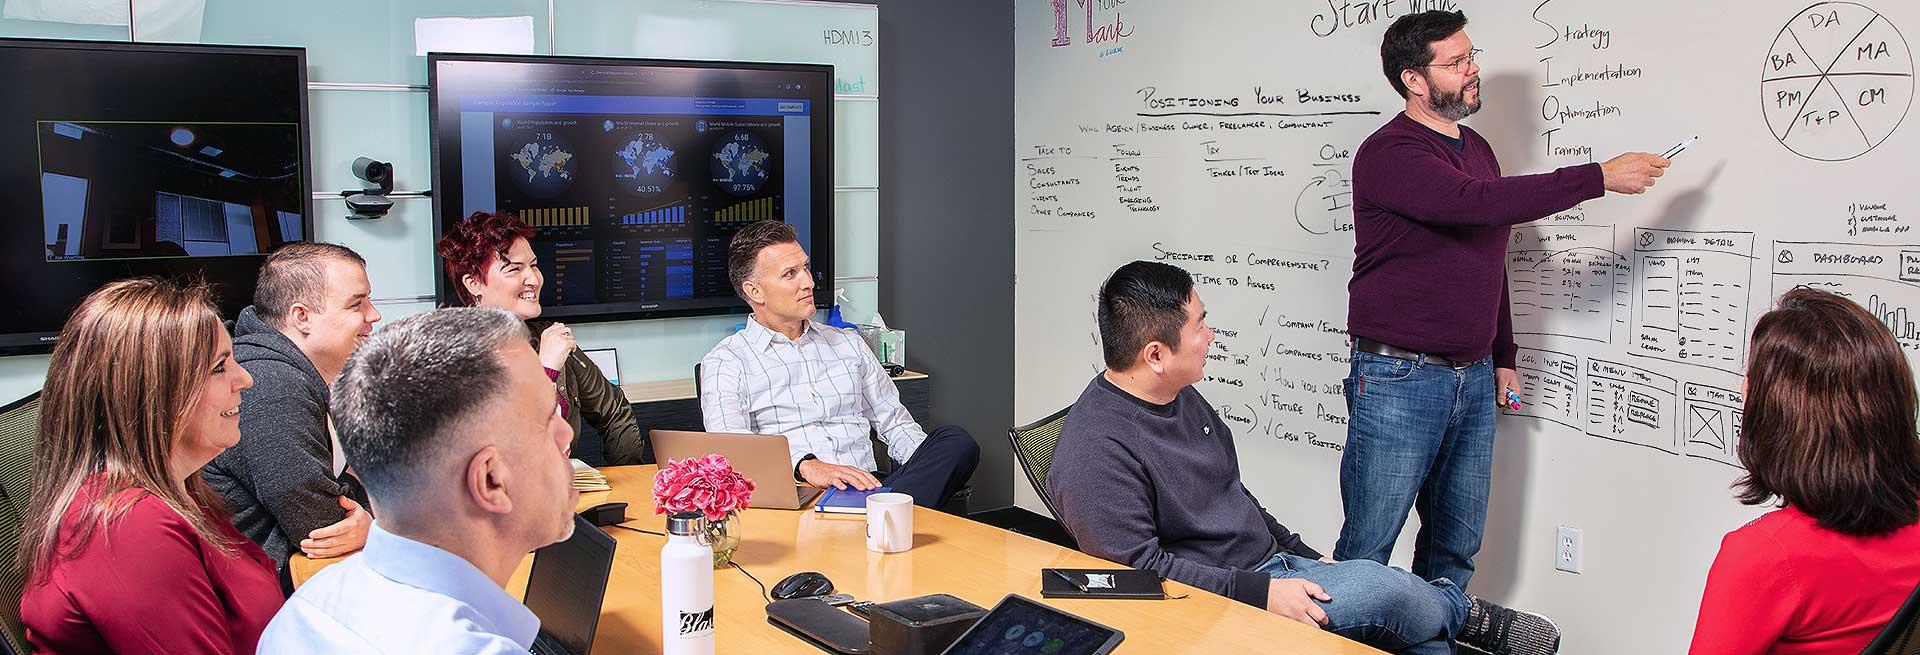 business analytics brain storming meeting